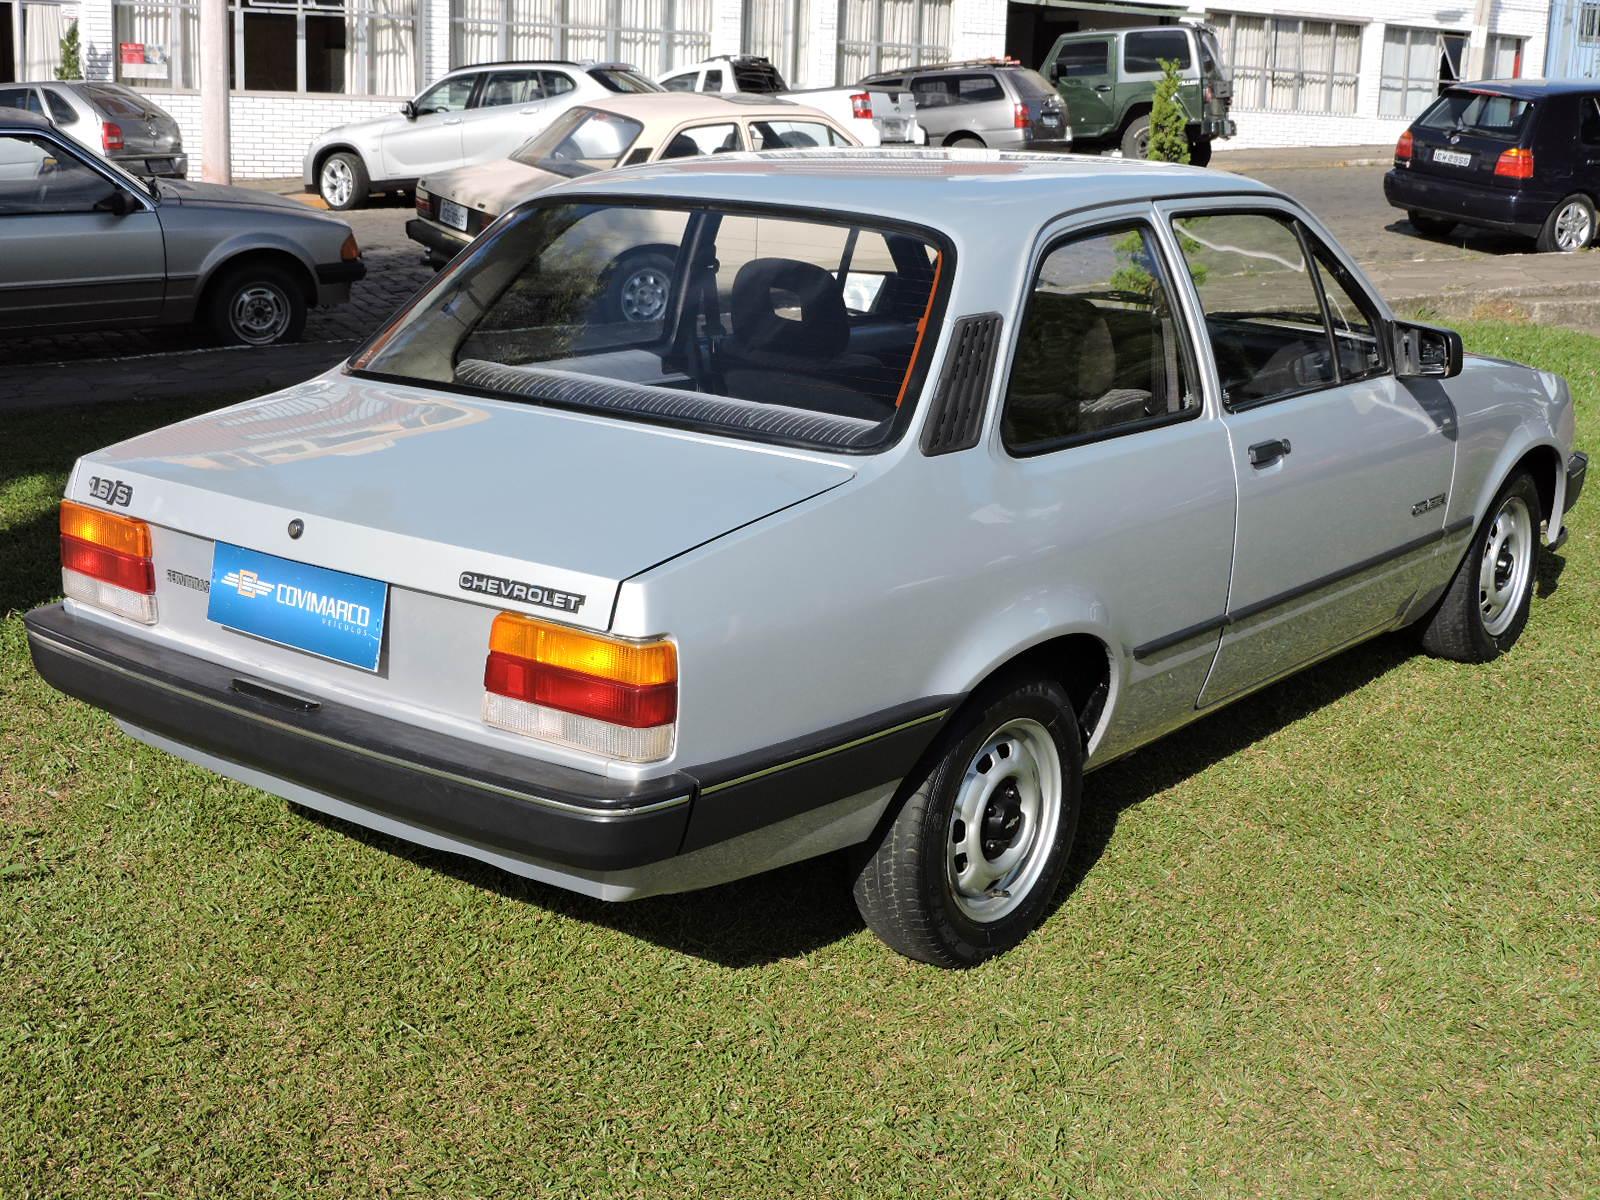 dscn9960-4